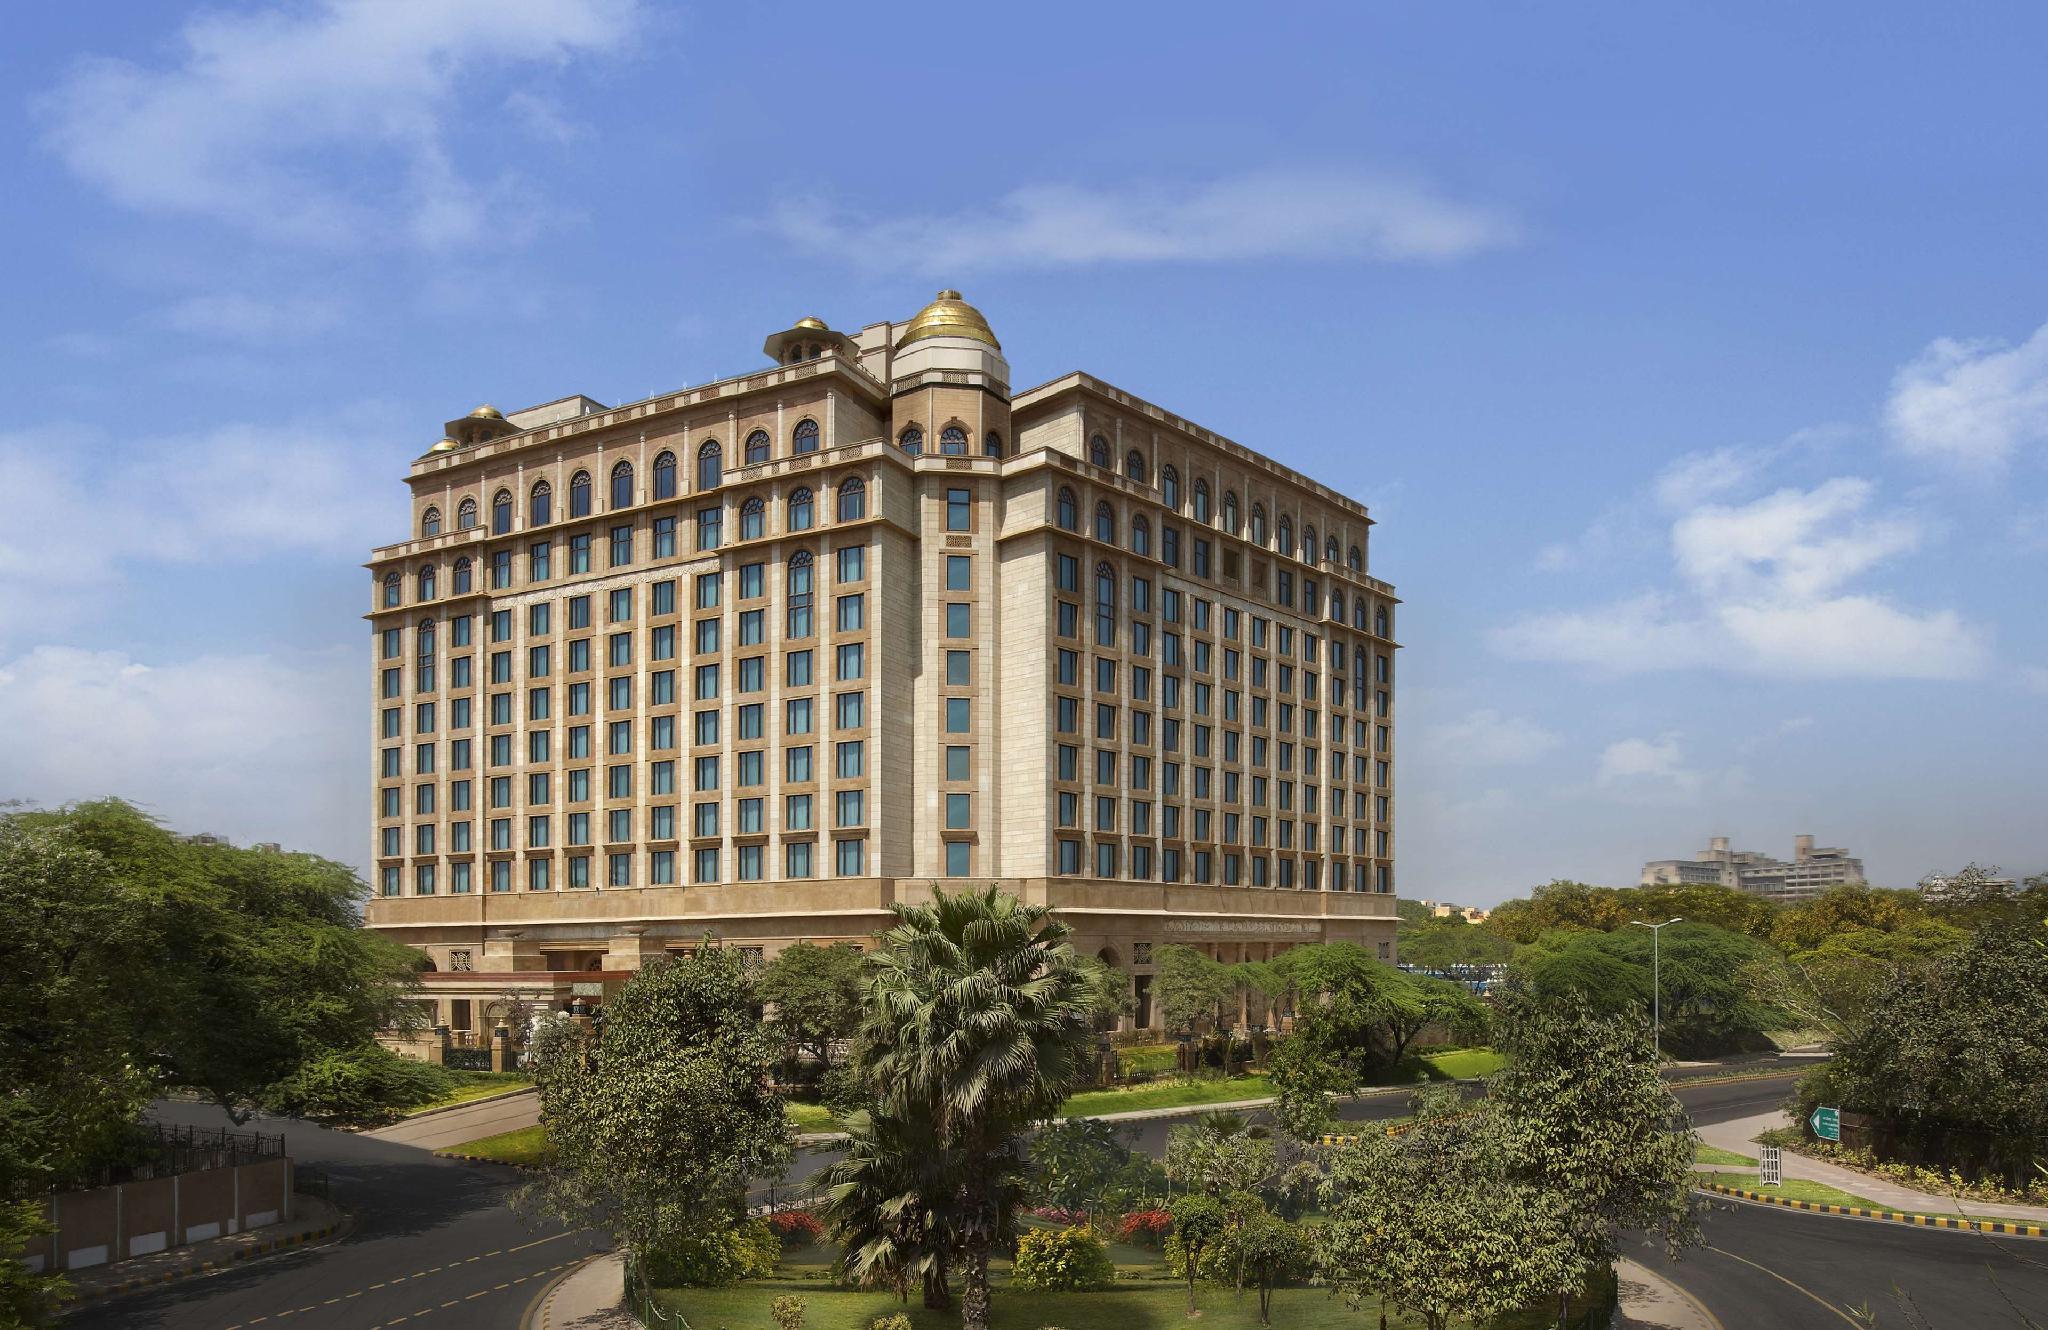 nejlepší hotel v Dillí nejlepší online datování Londýn